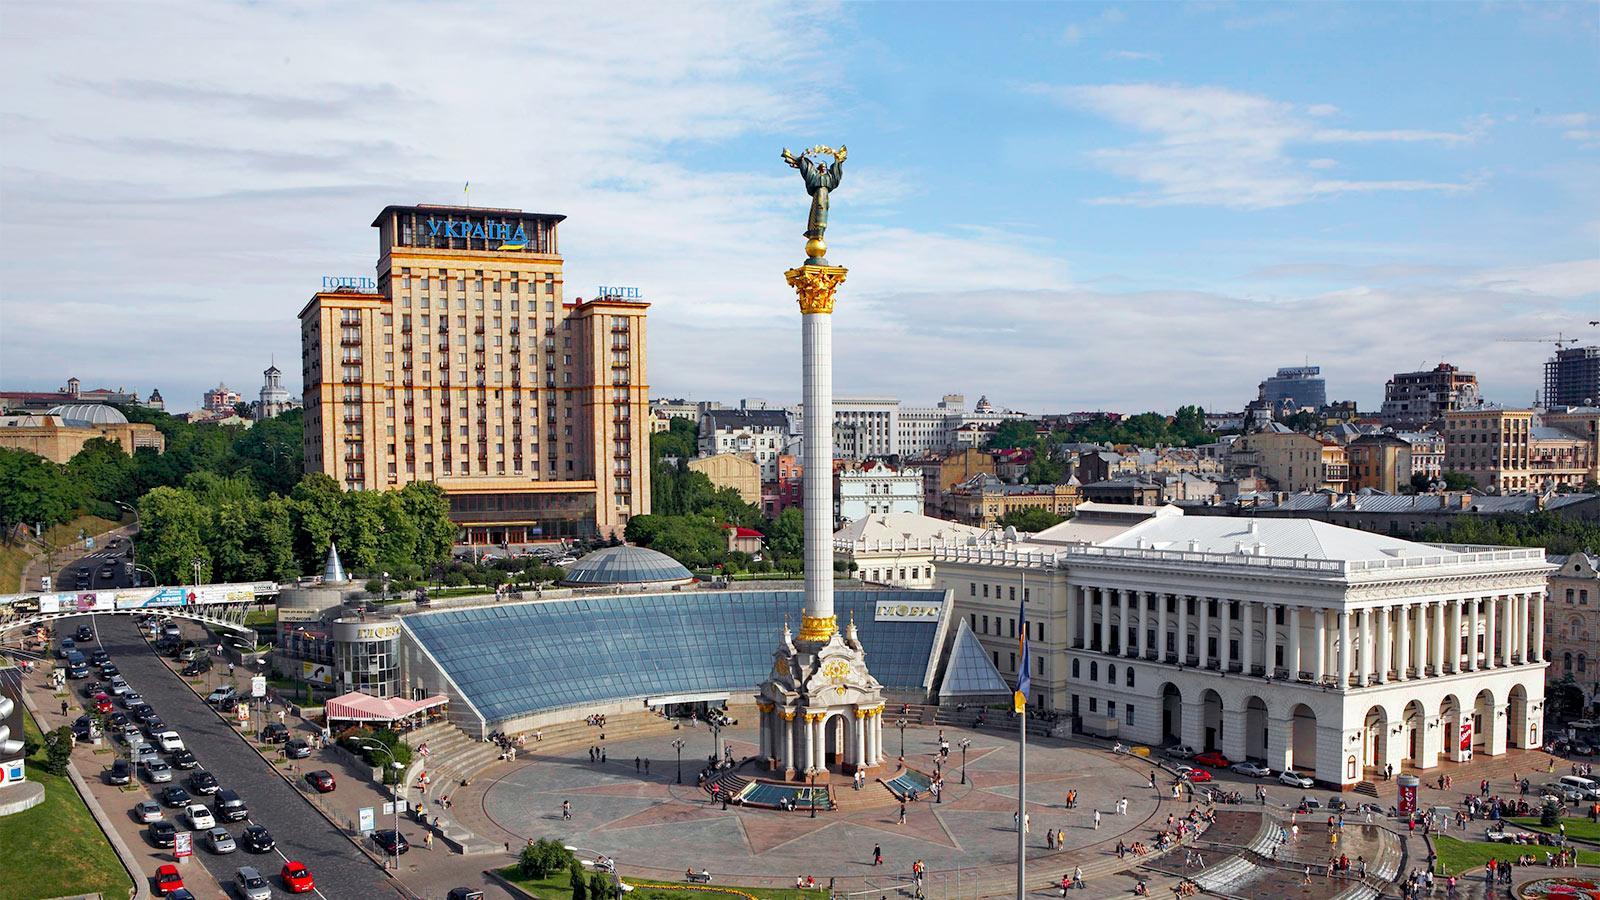 ukraine kiev - ავიაბილეთები კიევი